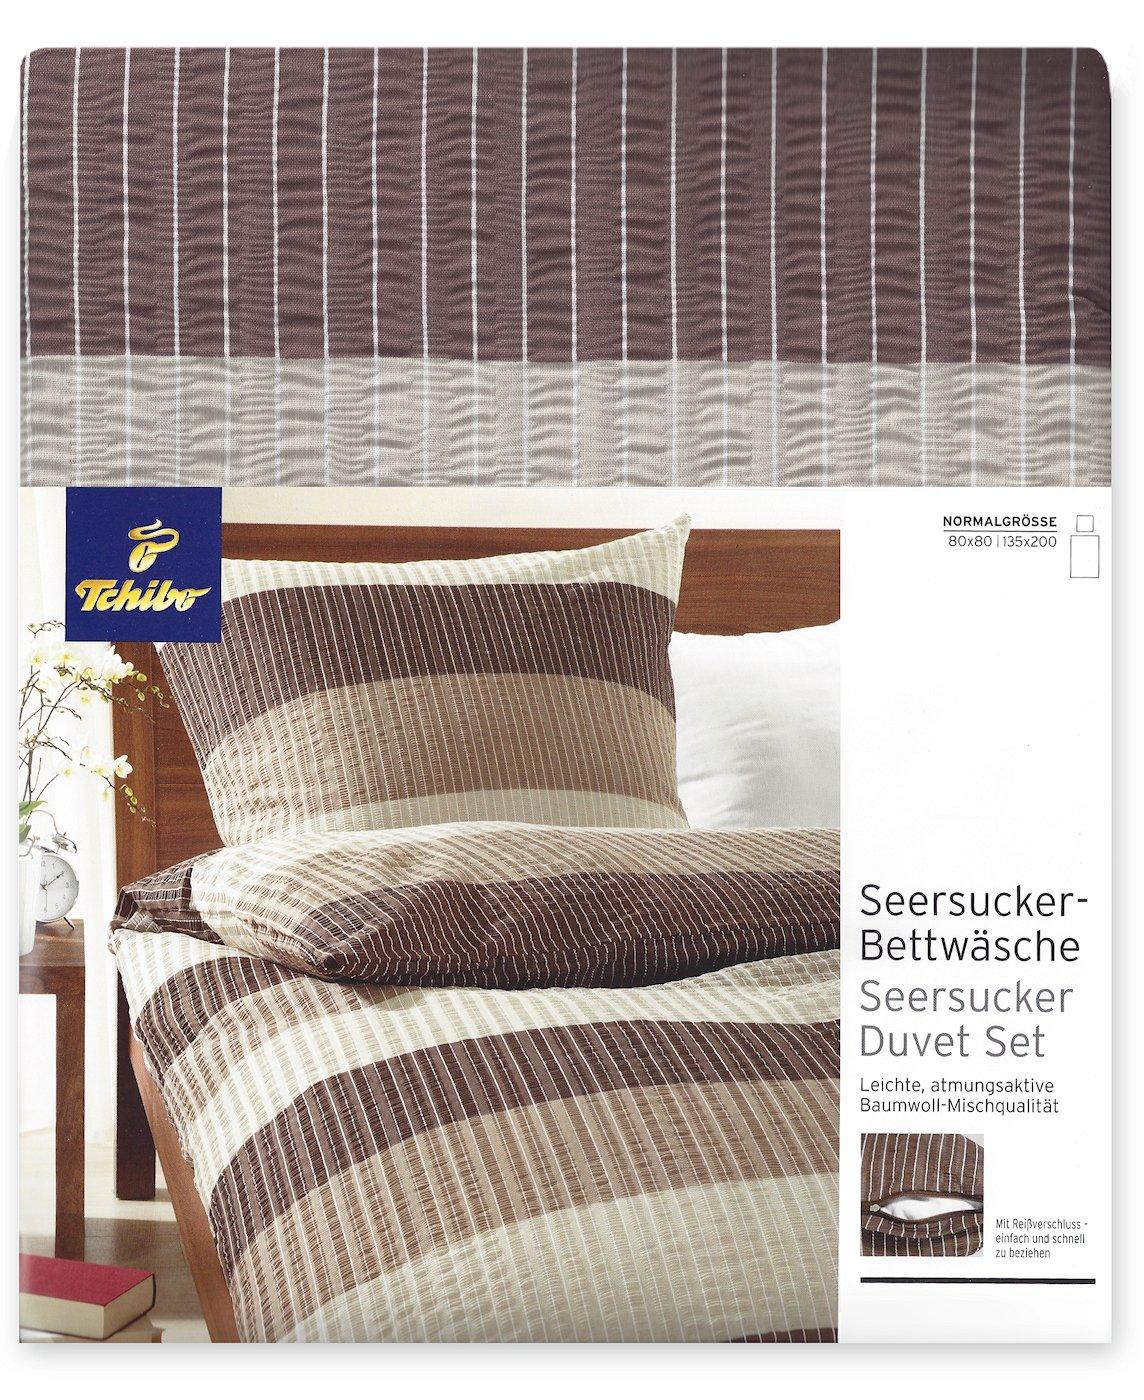 TCM Tchibo Seersucker Bettwäsche , 2tlg. Bügelfrei , 135x200 Cm,  Braun Beige: Amazon.de: Küche U0026 Haushalt Ideas